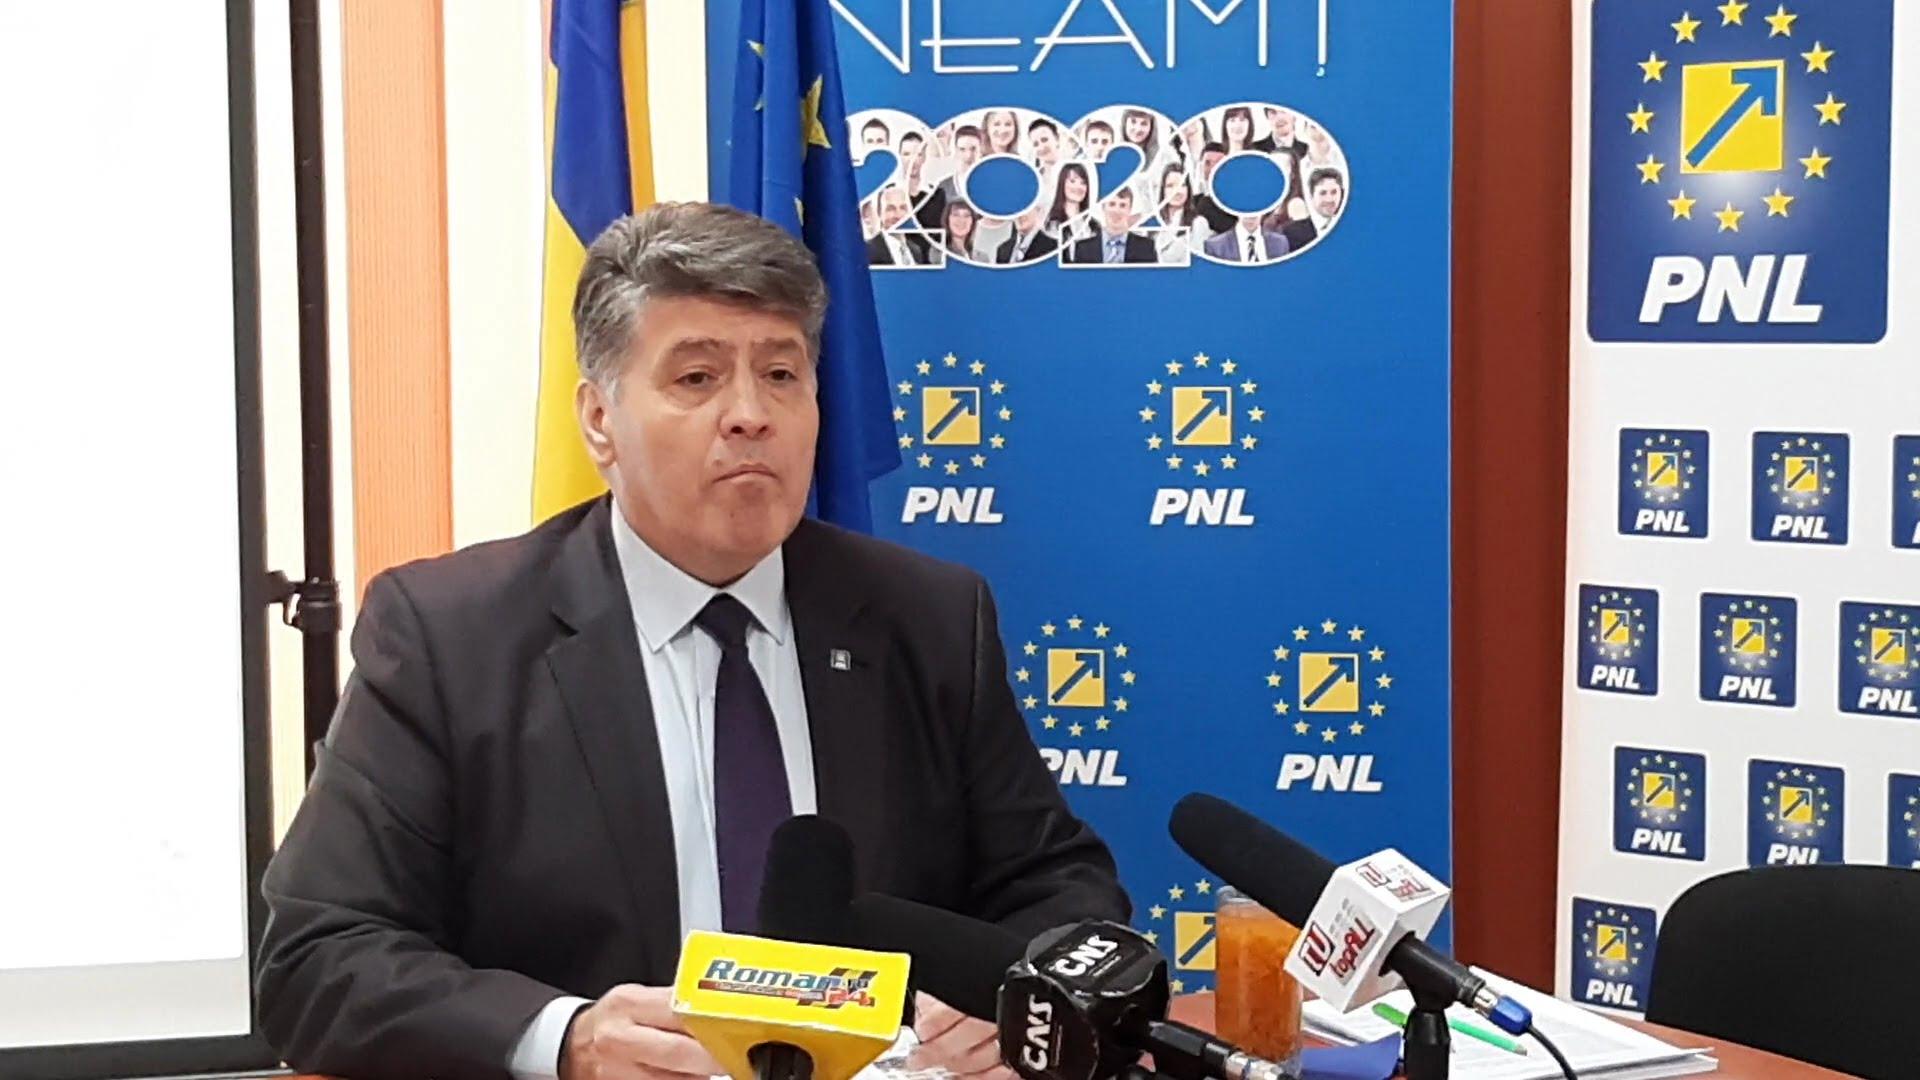 """Președintele PNL Roman Laurențiu Leoreanu: """"Marcel Ciolacu e Dăncilă în pantaloni. Aruncă România în haos pentru interesul de partid"""""""